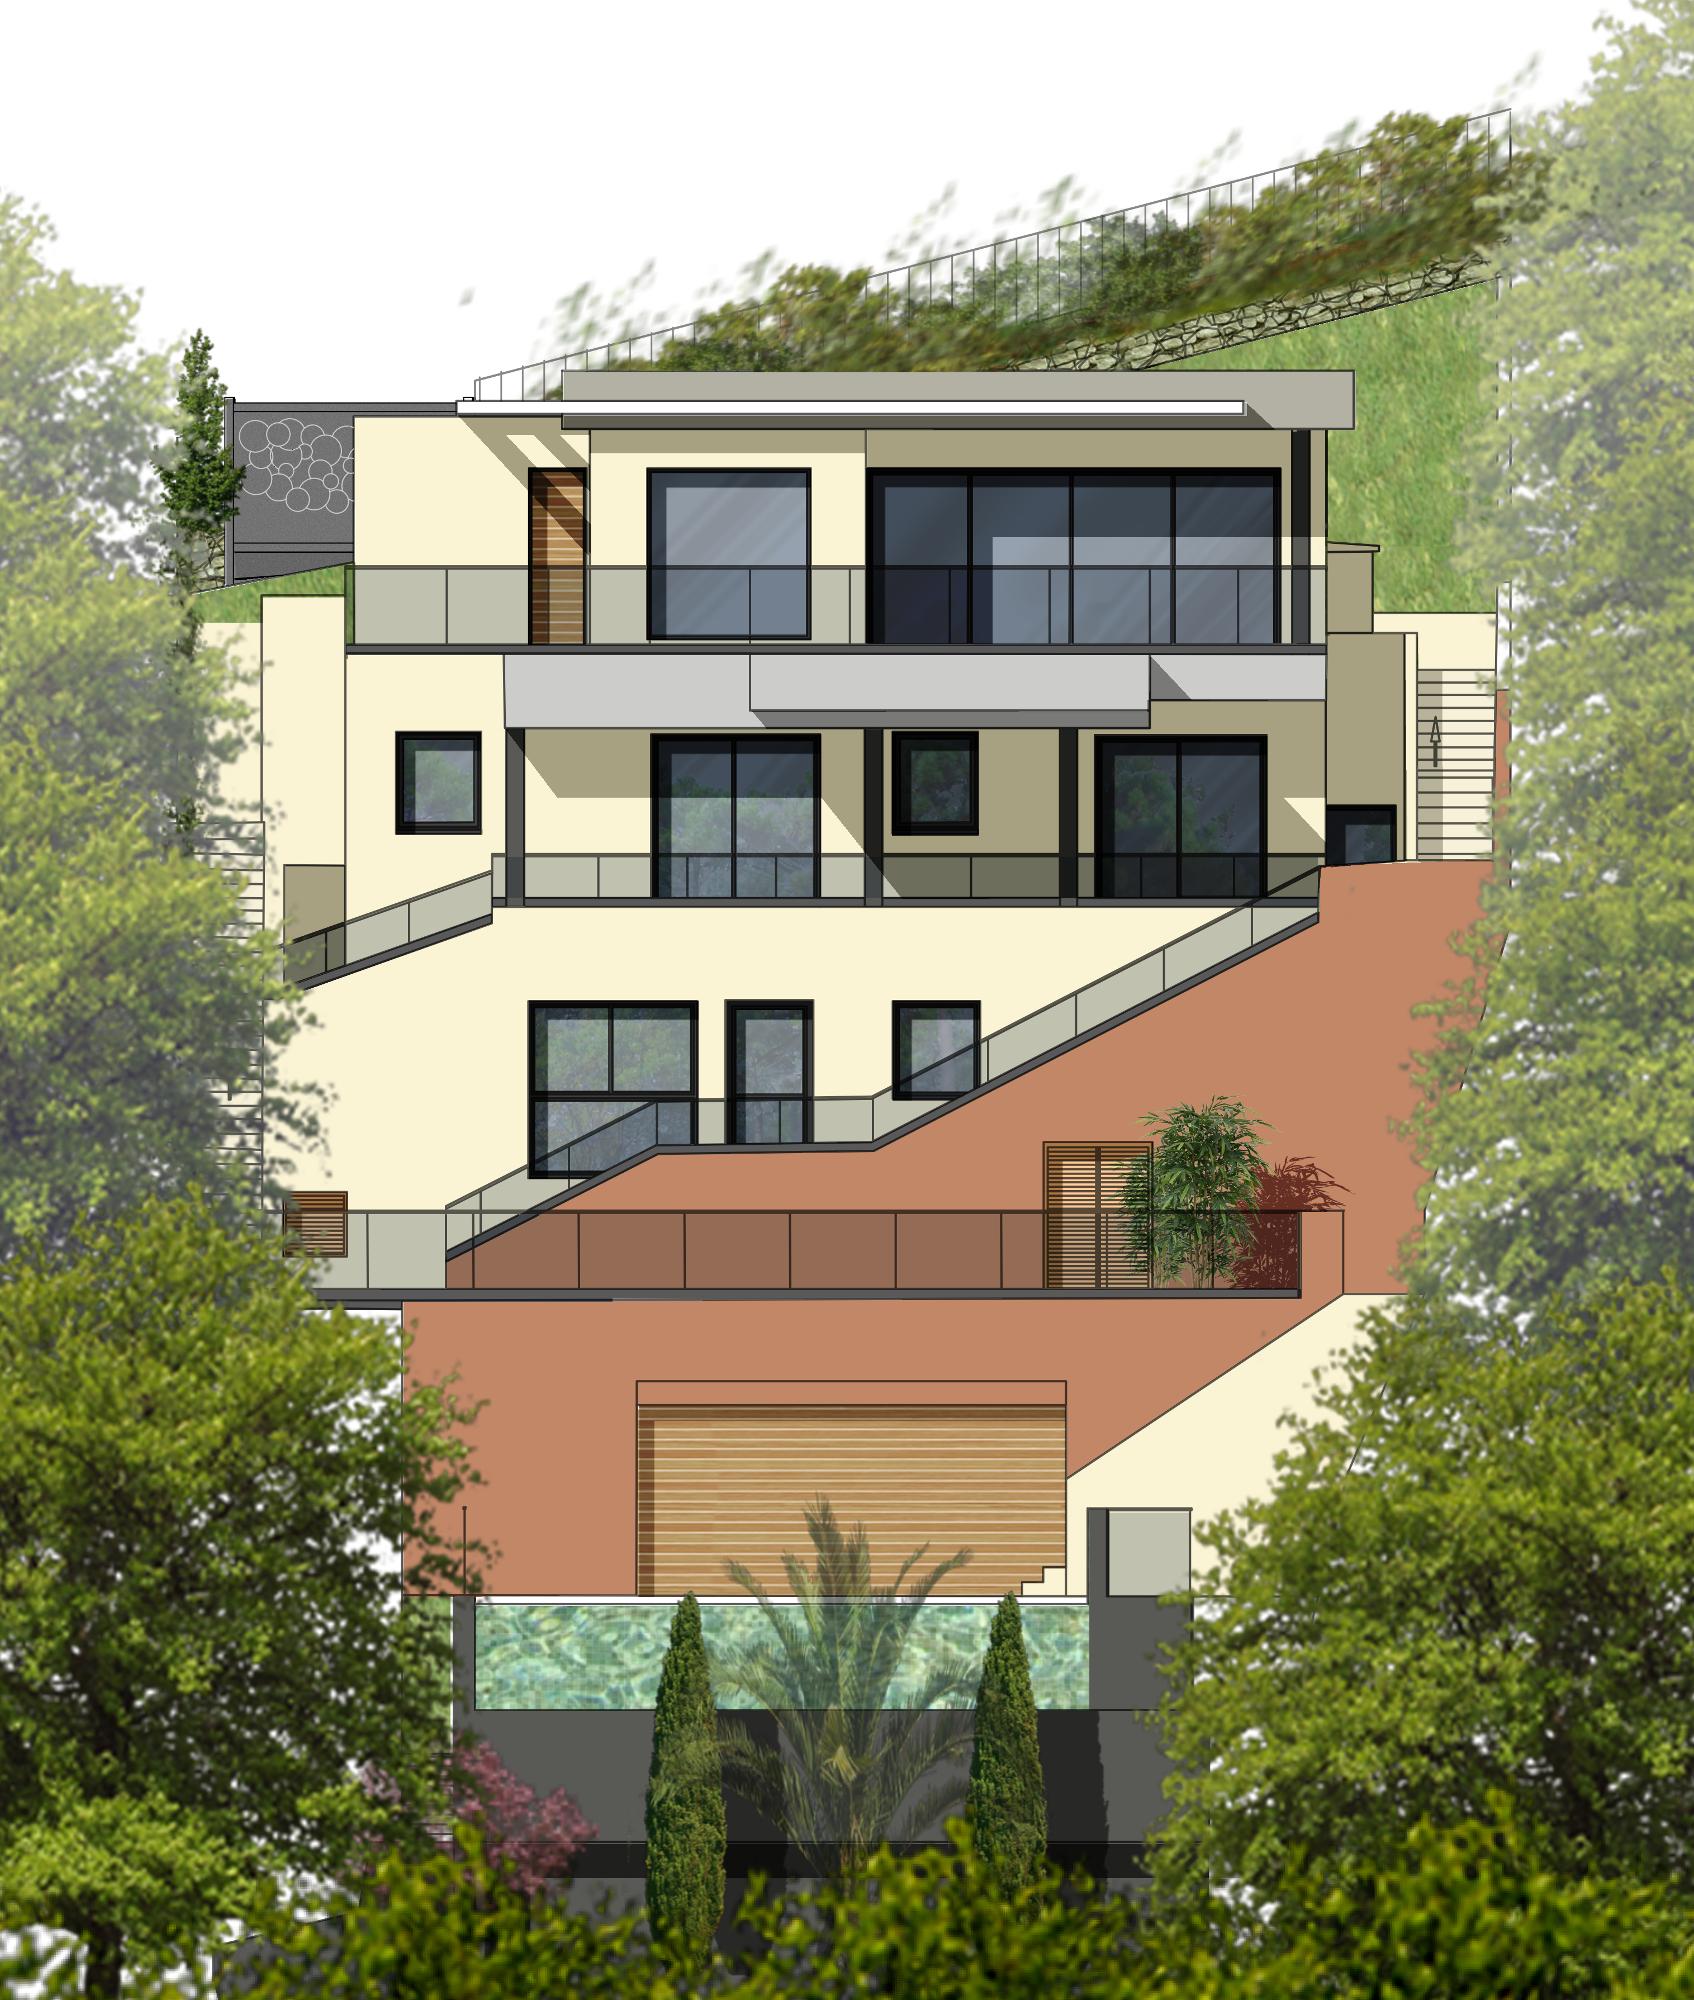 Façade de villa, projet de rénovation par SVL architecture